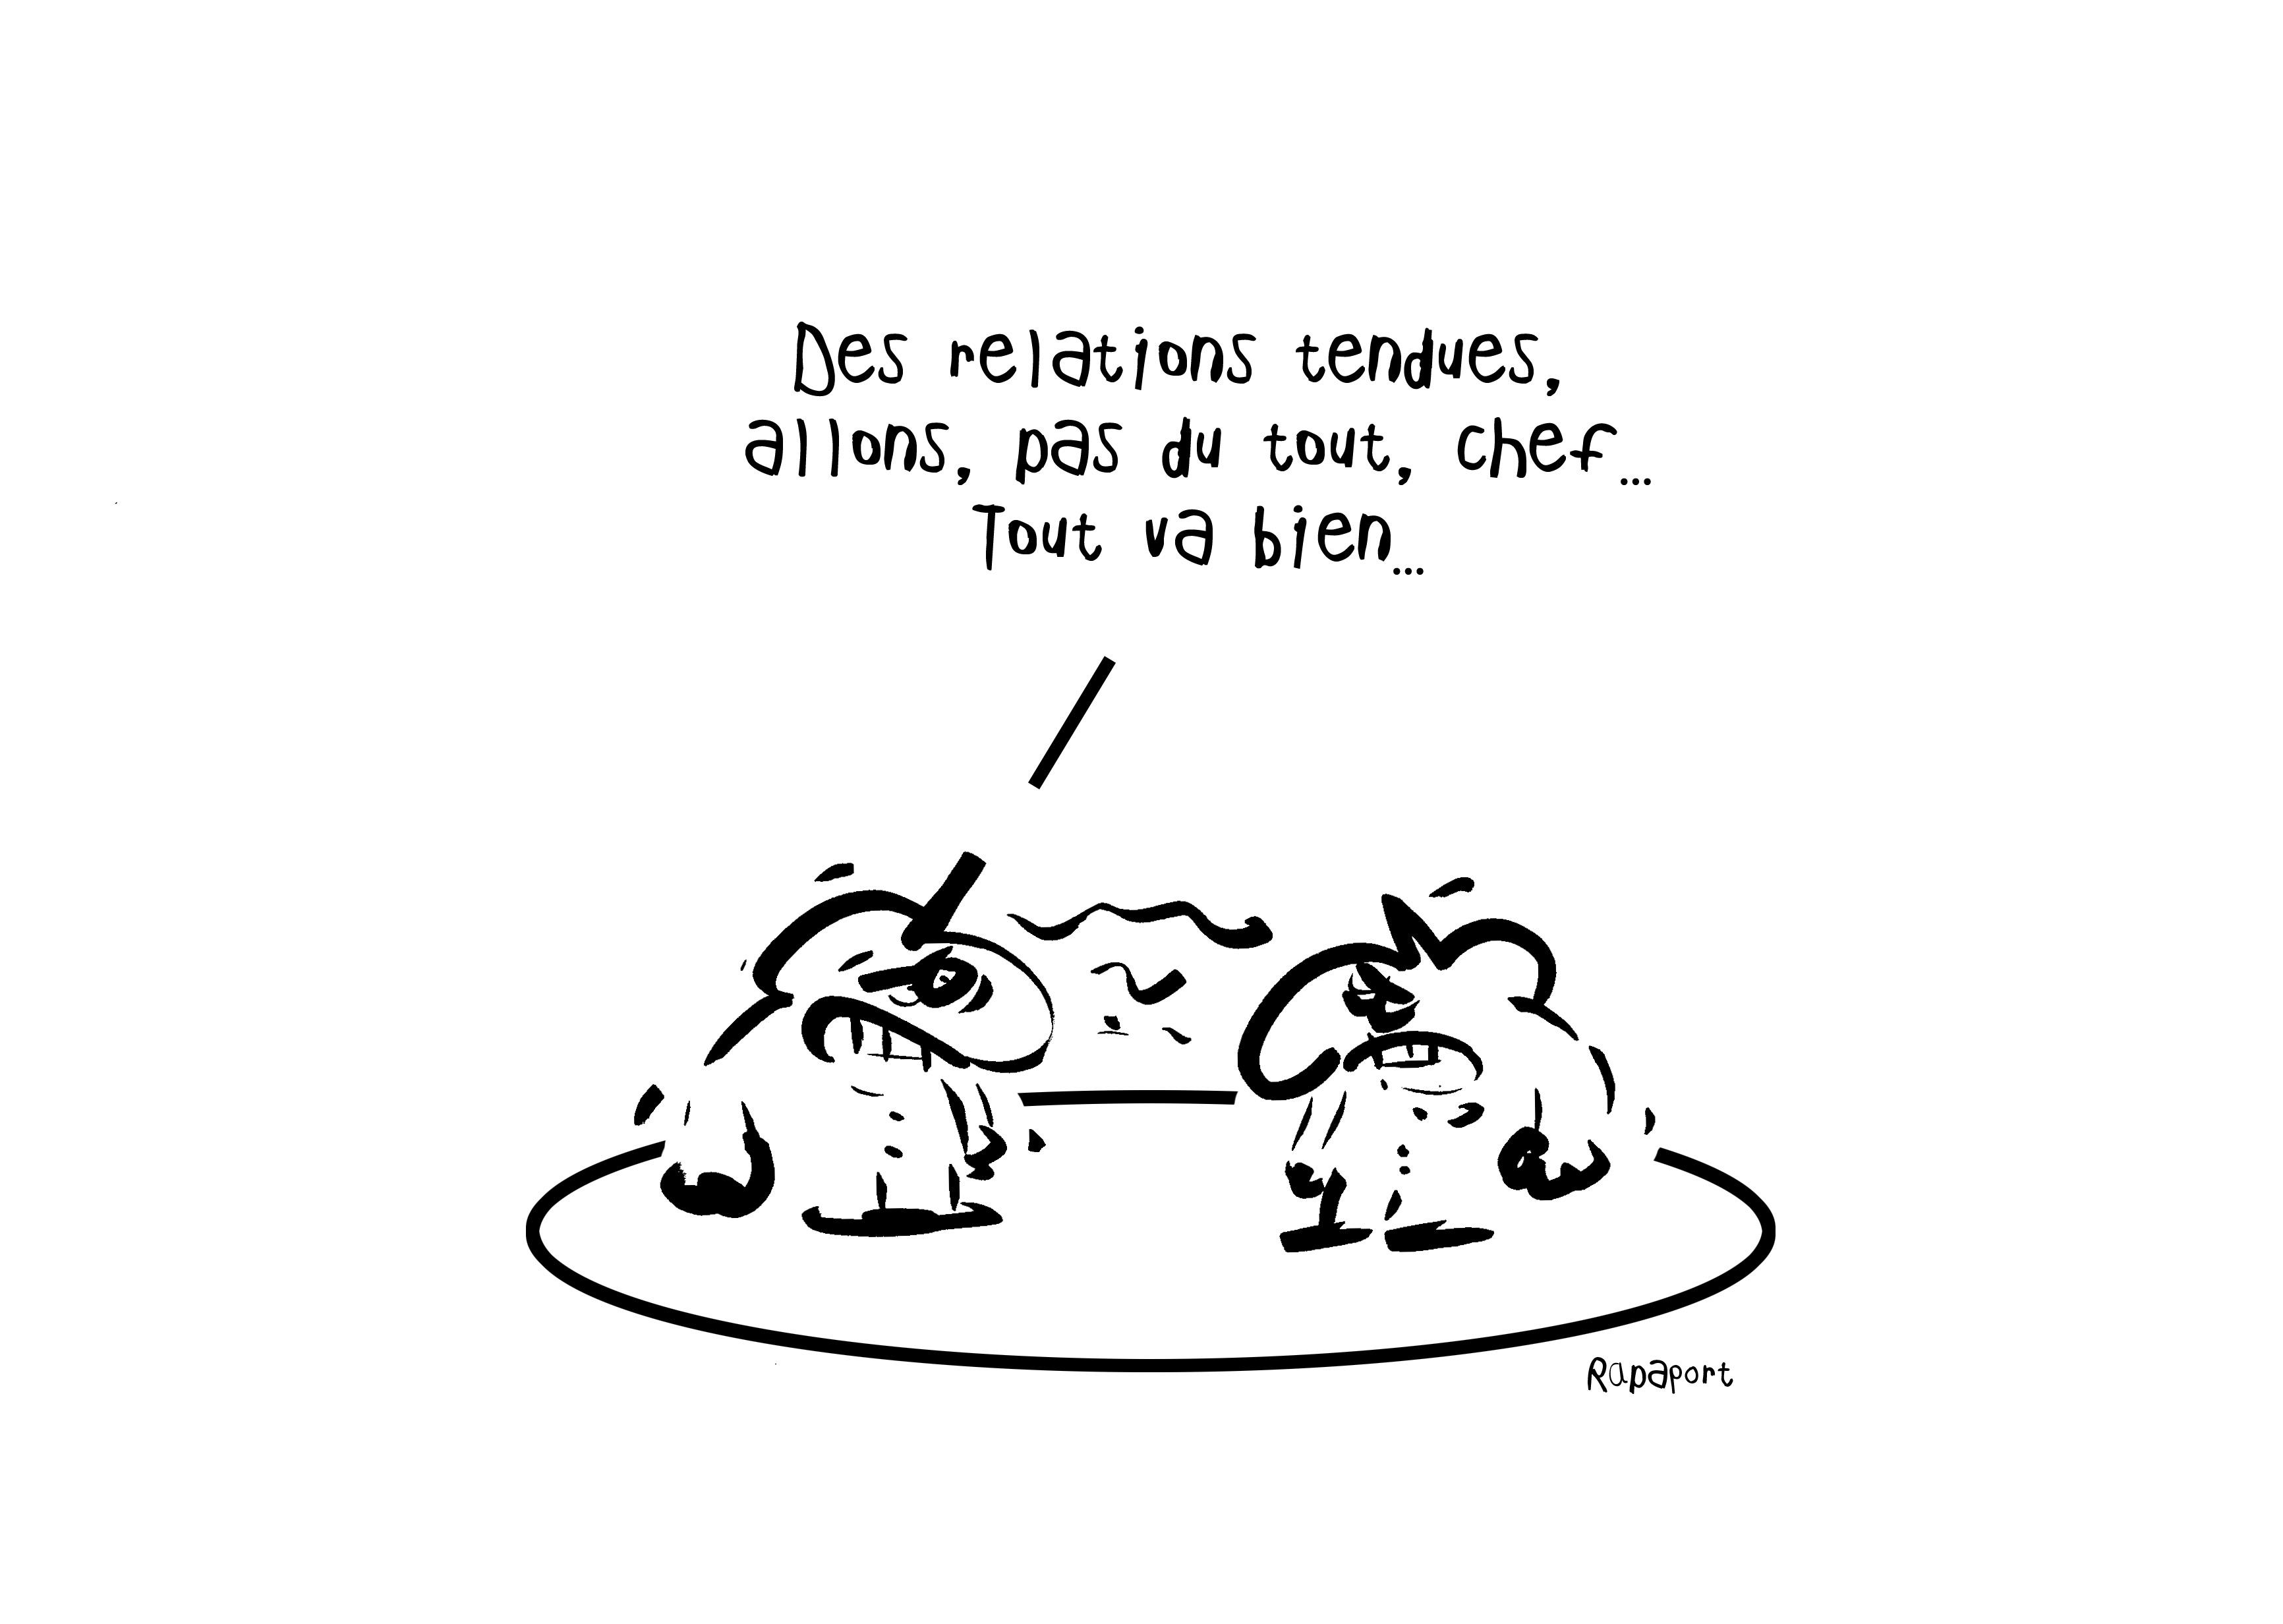 RAPAPORT DESSINS:BAROMÈTRE ENTREPRISE26